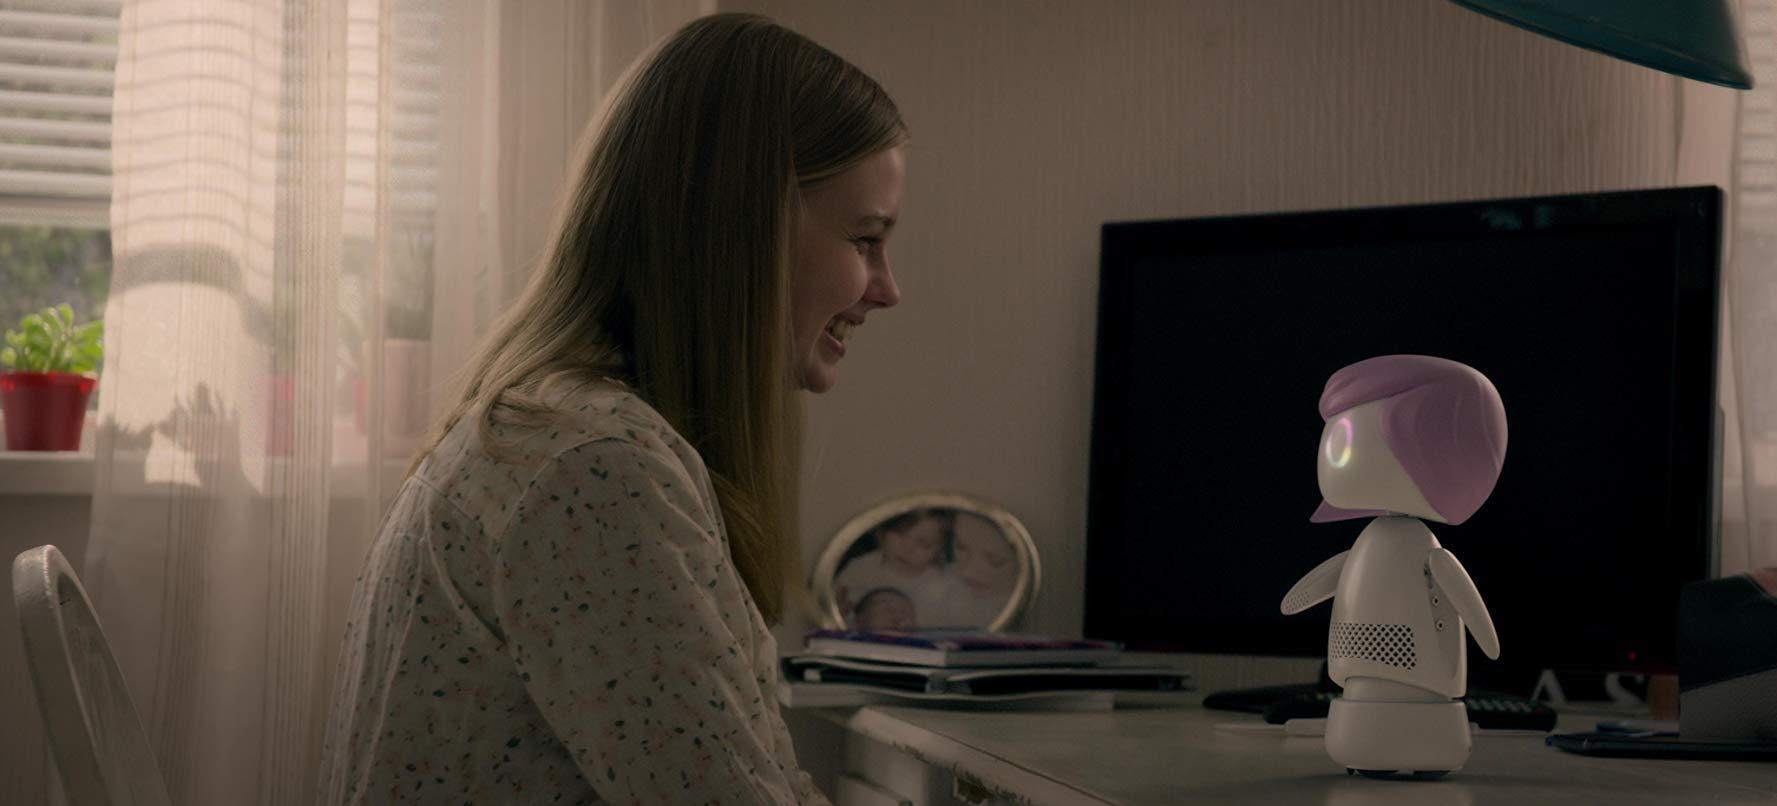 Black Mirror Season Five review